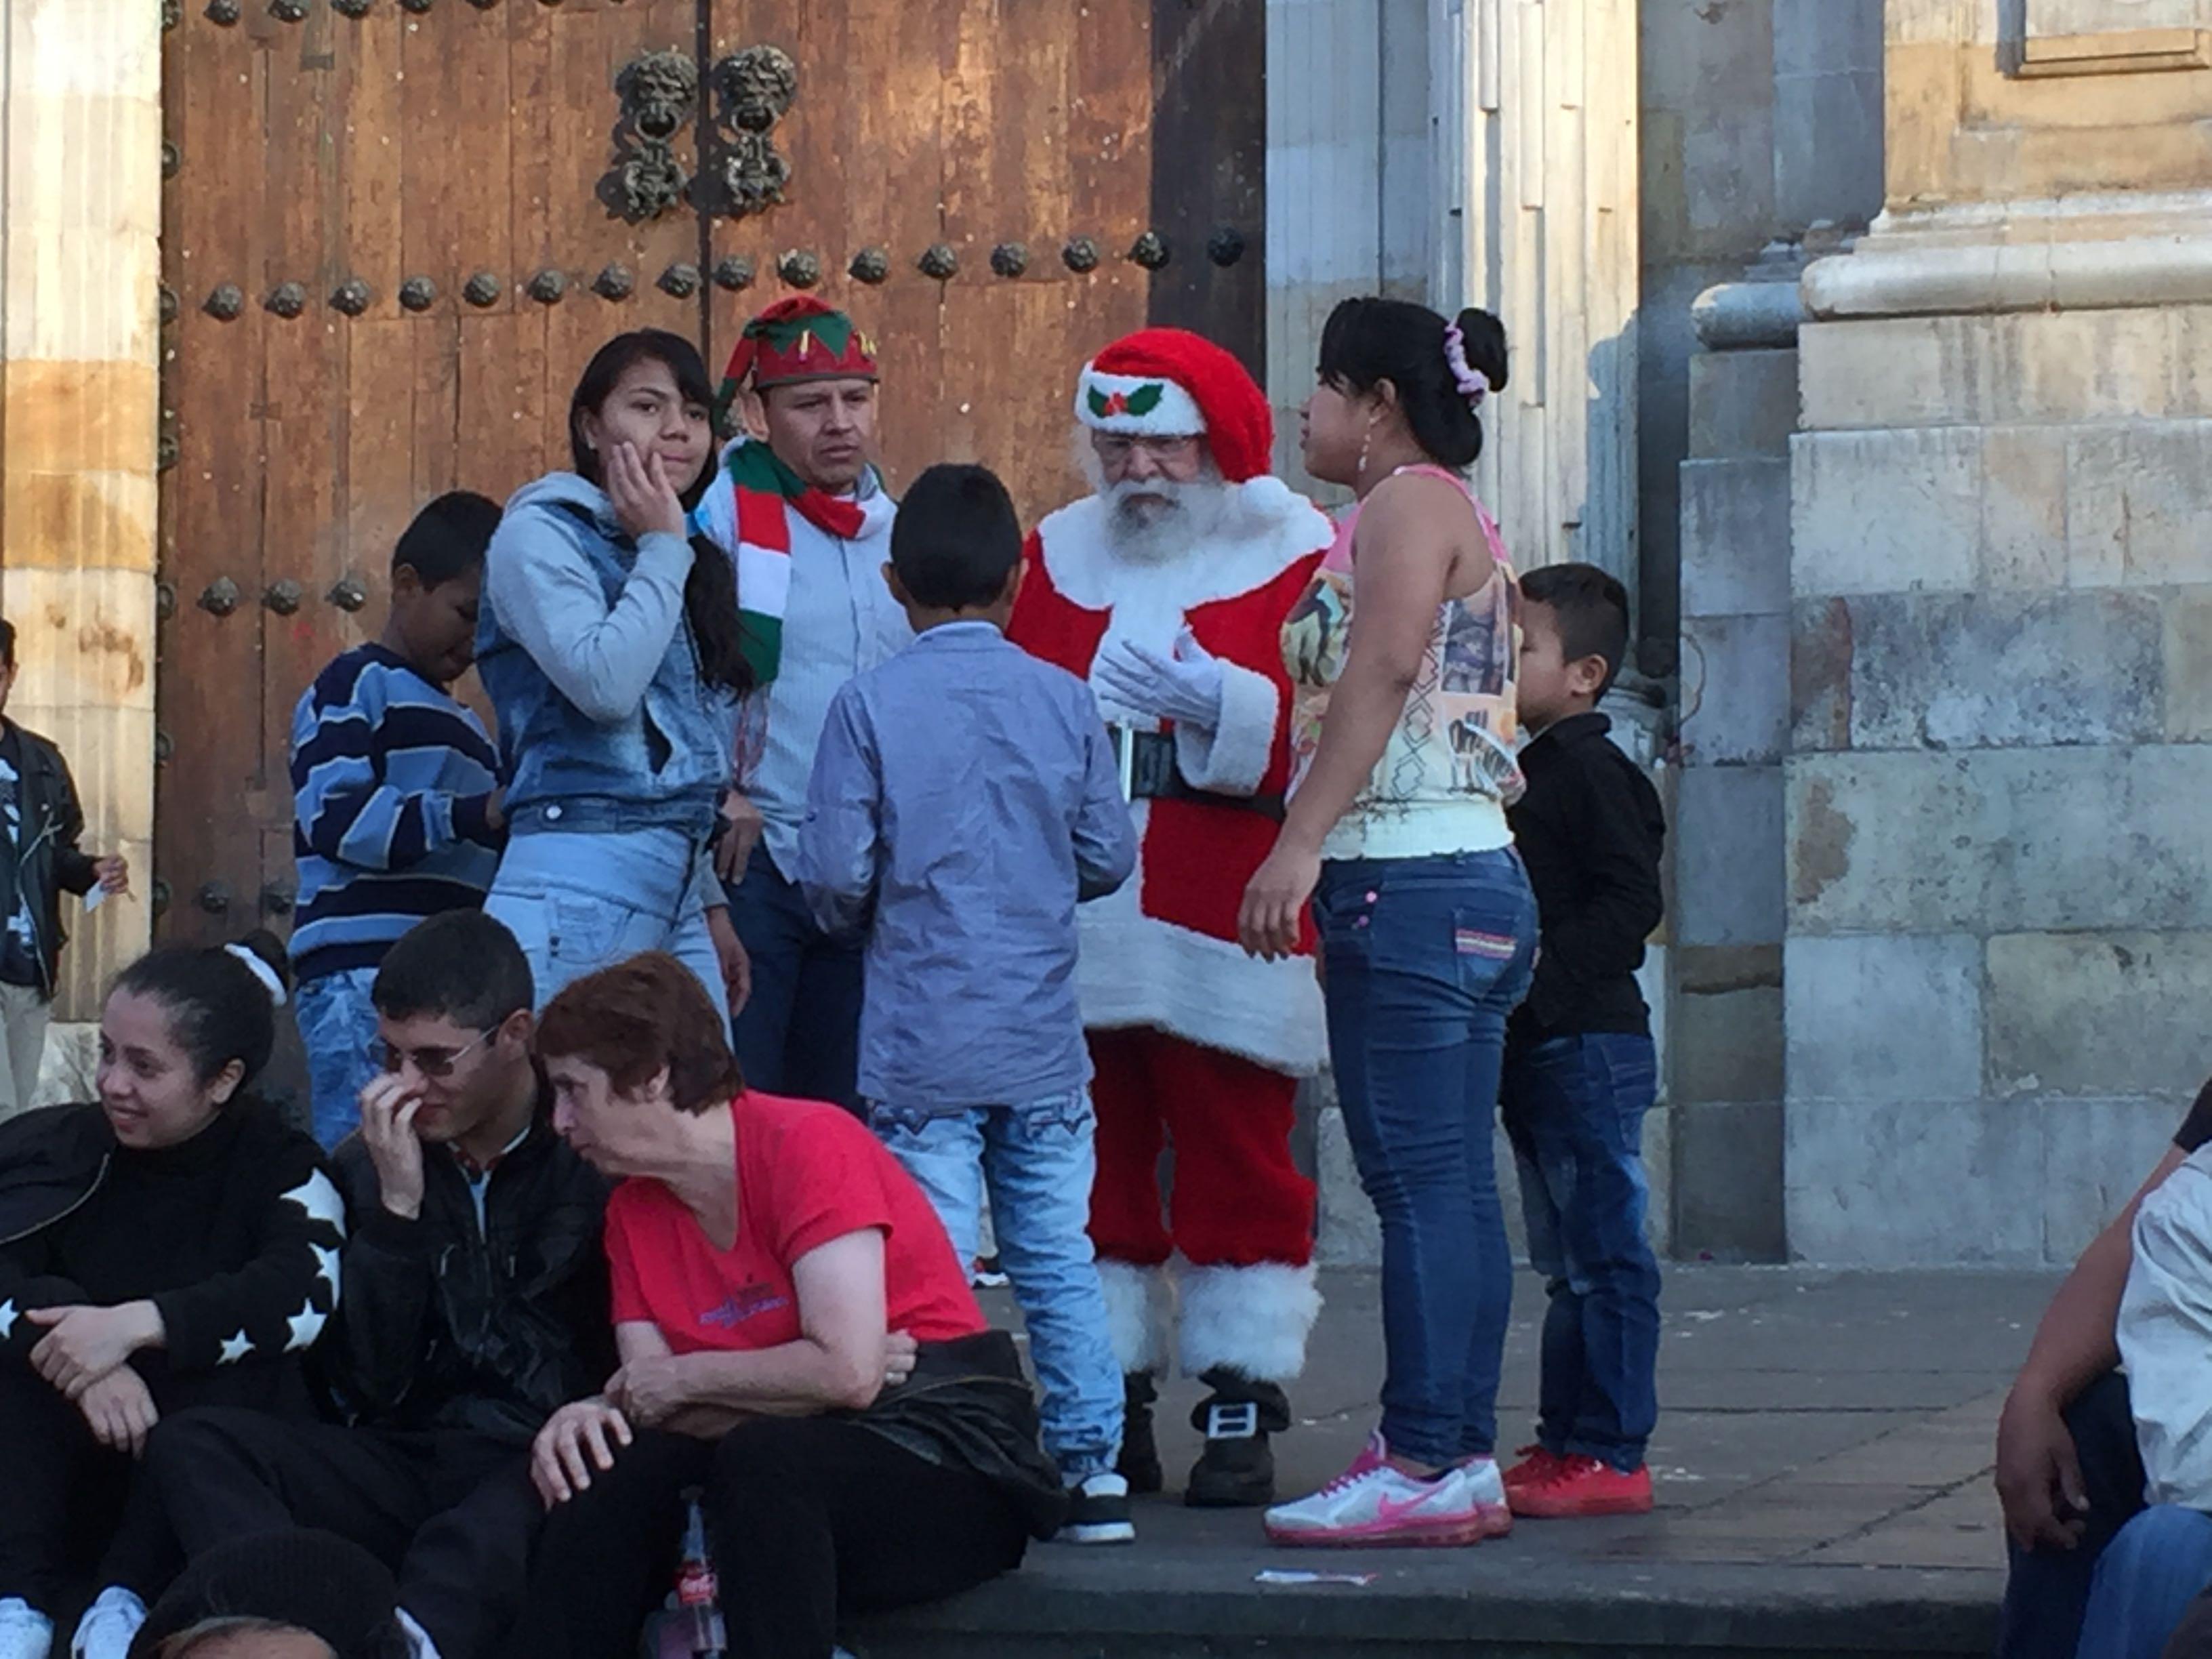 Le père Noël devant la cathédrale